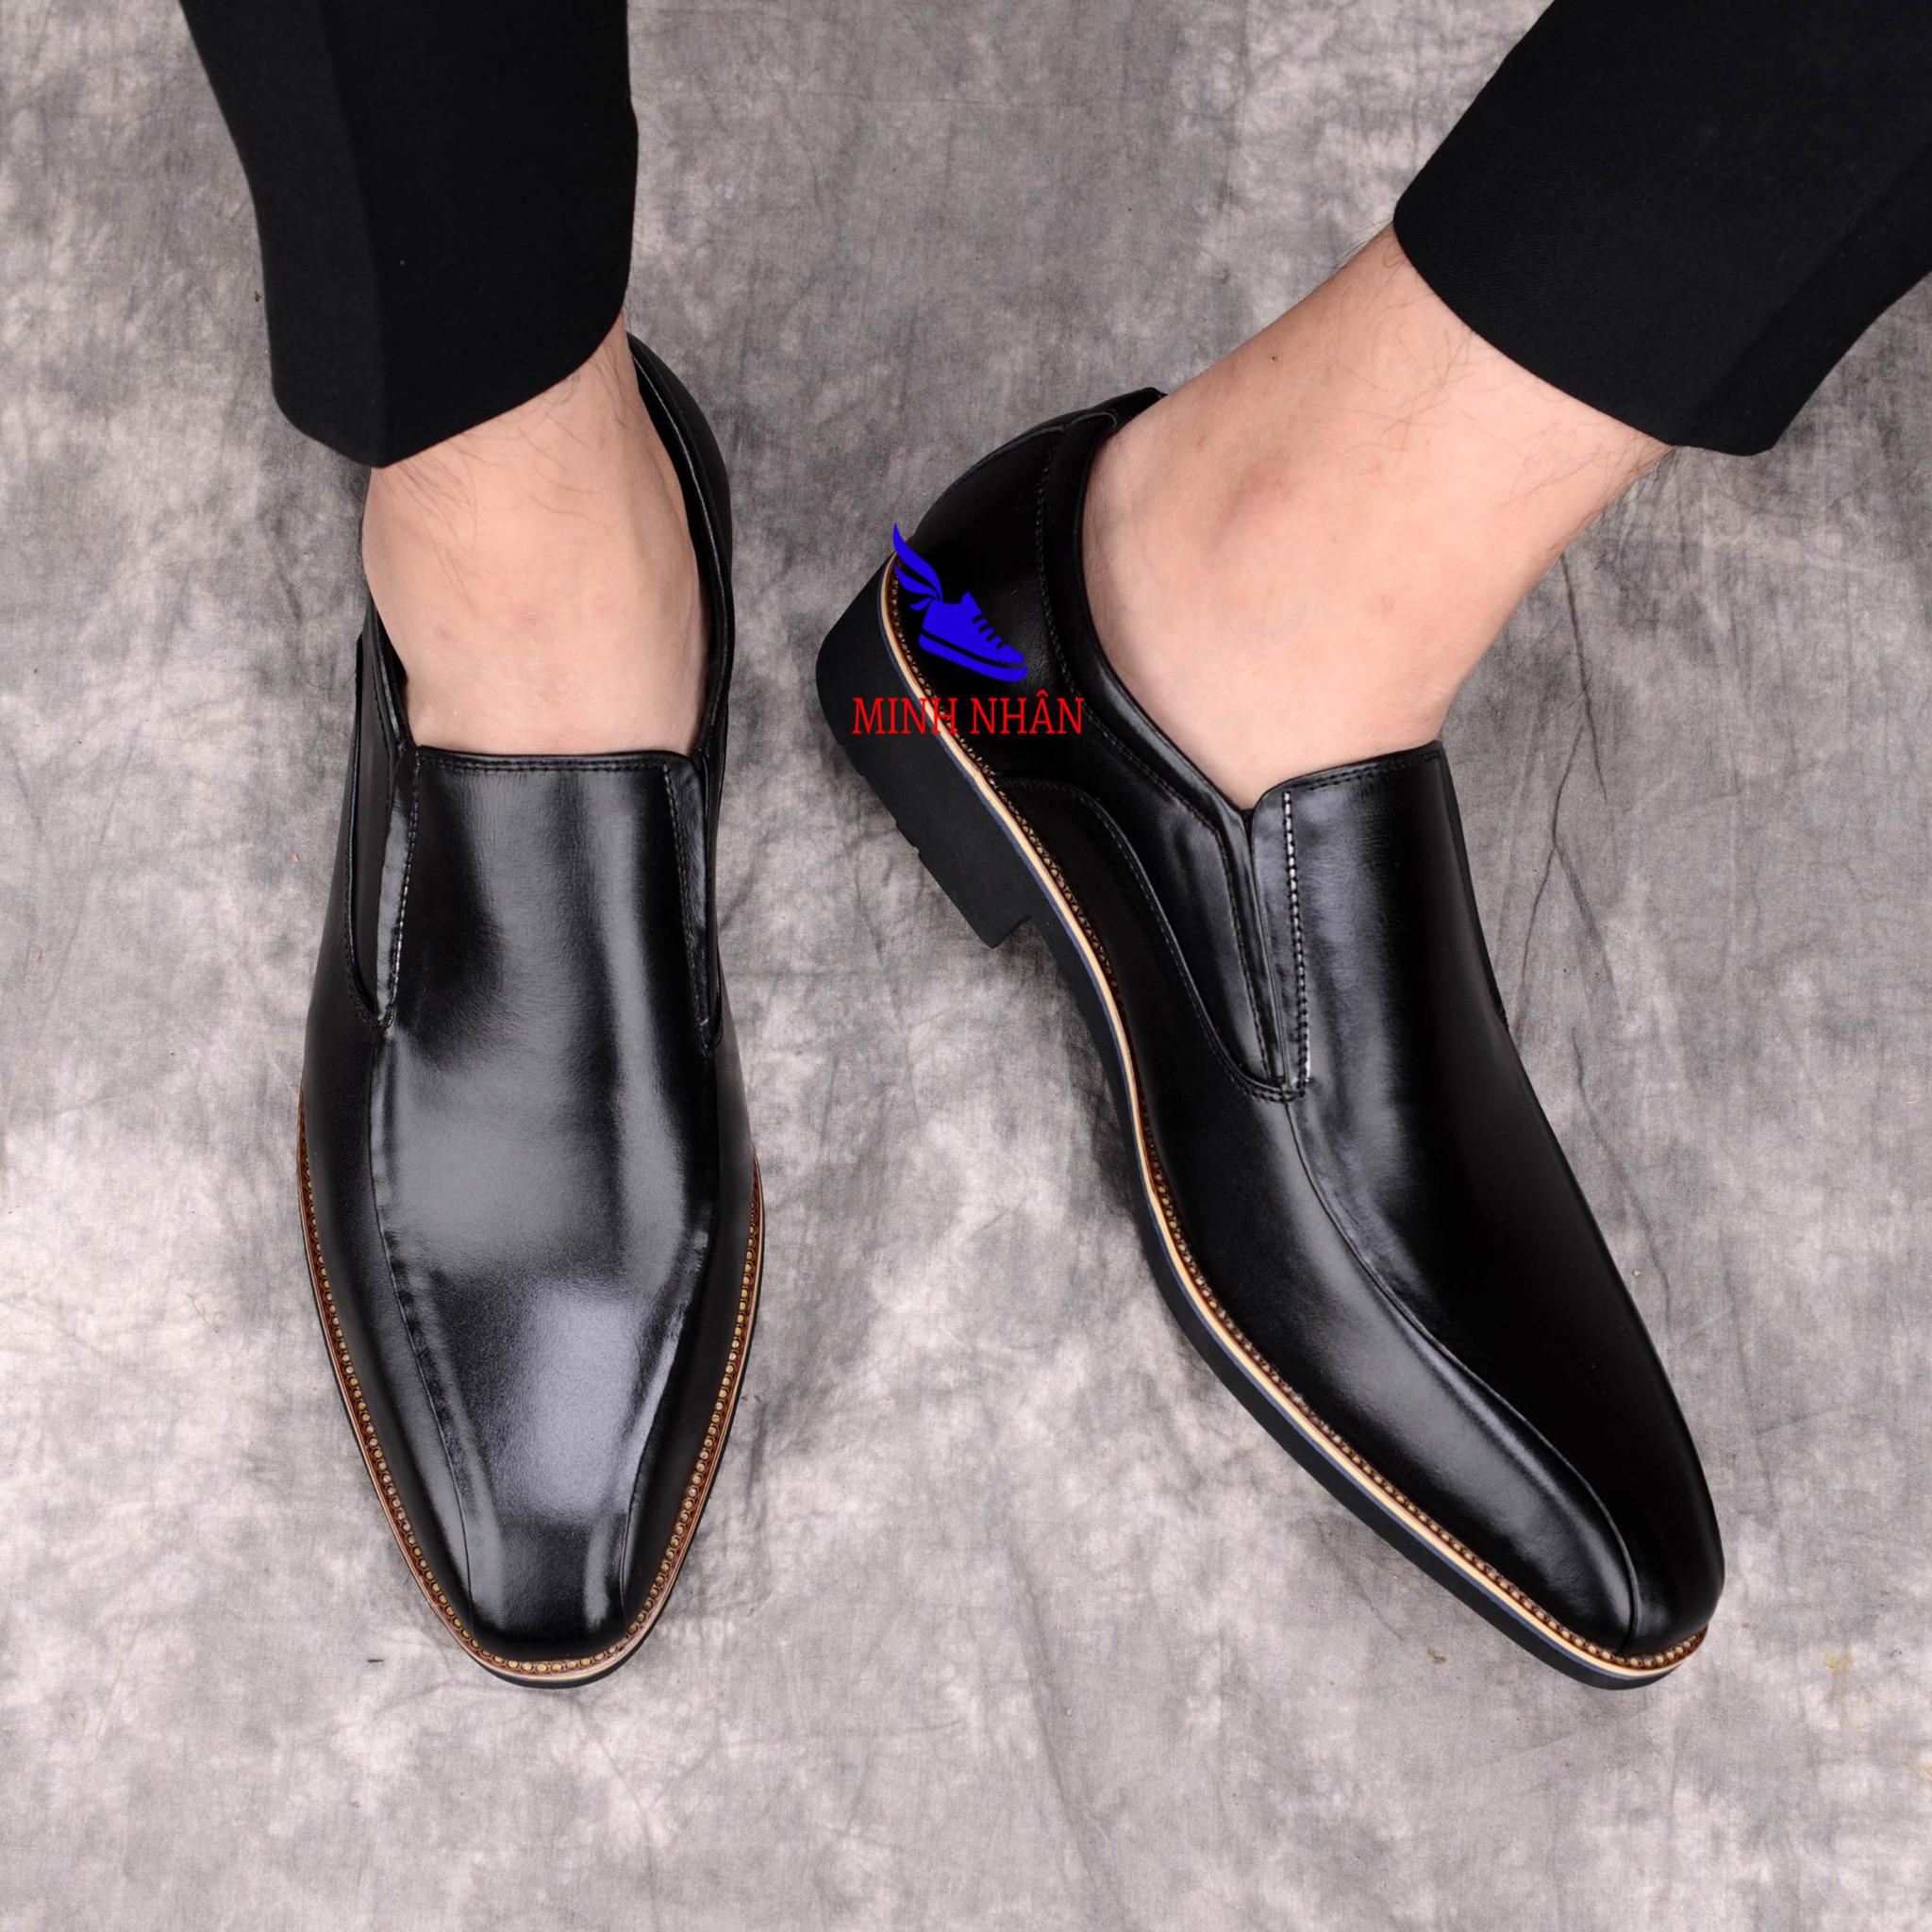 Giày Tây nam da bò Giày lười công sở Cổ điển Giày Da Doanh Nhân Đơn Giản Giày lười không dây Giày Tây Giày Công Sở Giày Nâng Chiều Cao hàng hiệu cao cấp giá rẻ sang trọng L-17 màu đen